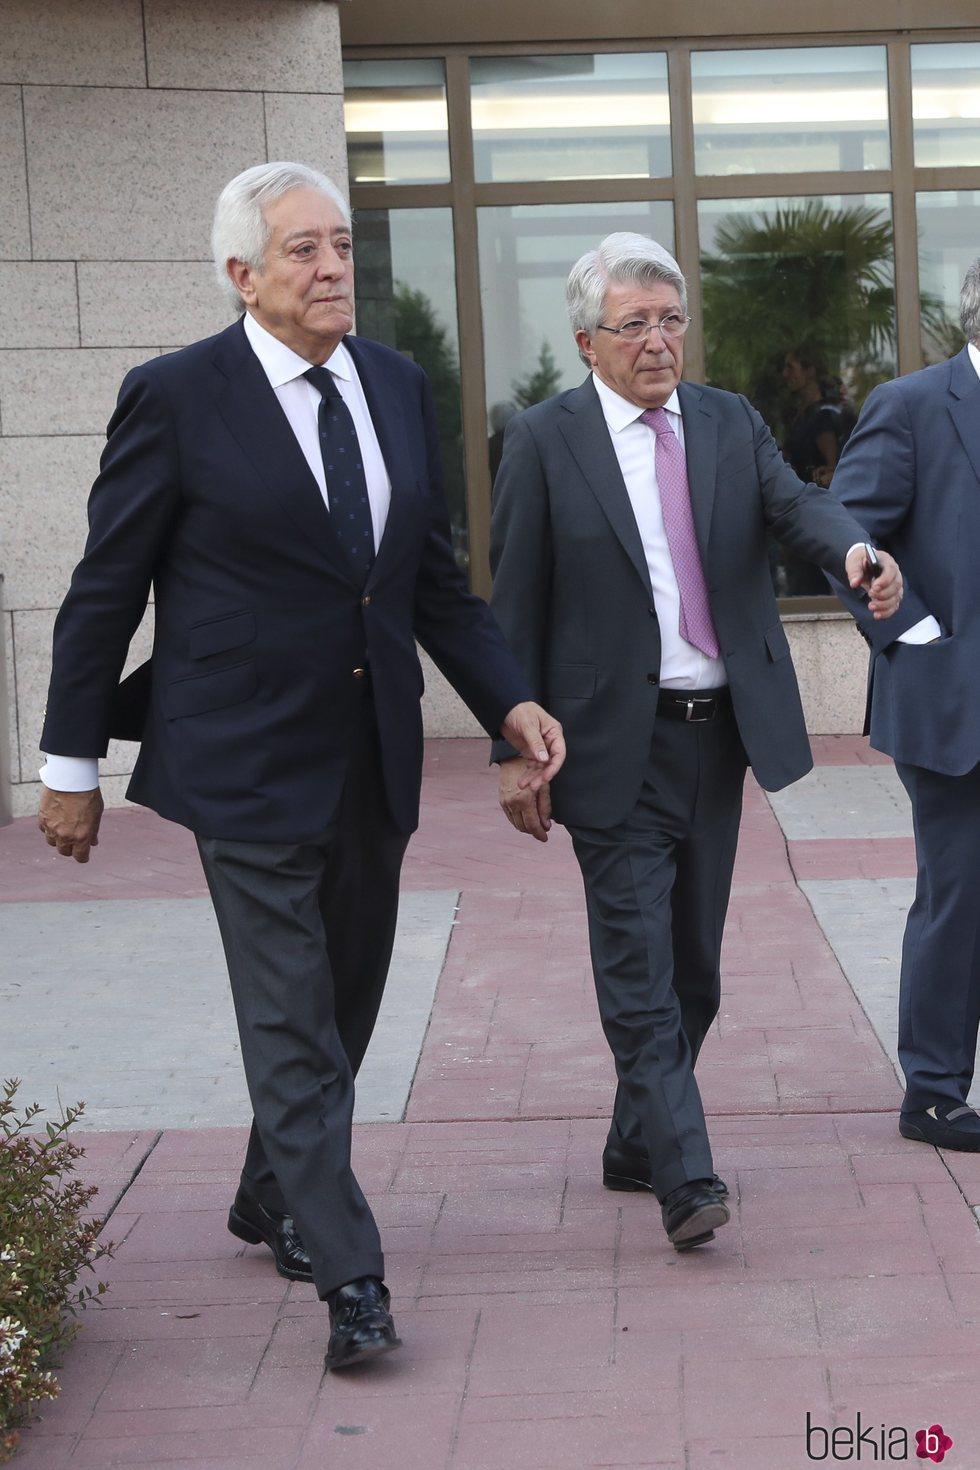 Juan Palacios y Enrique Cerezo en el tanatorio de Arturo Fernández